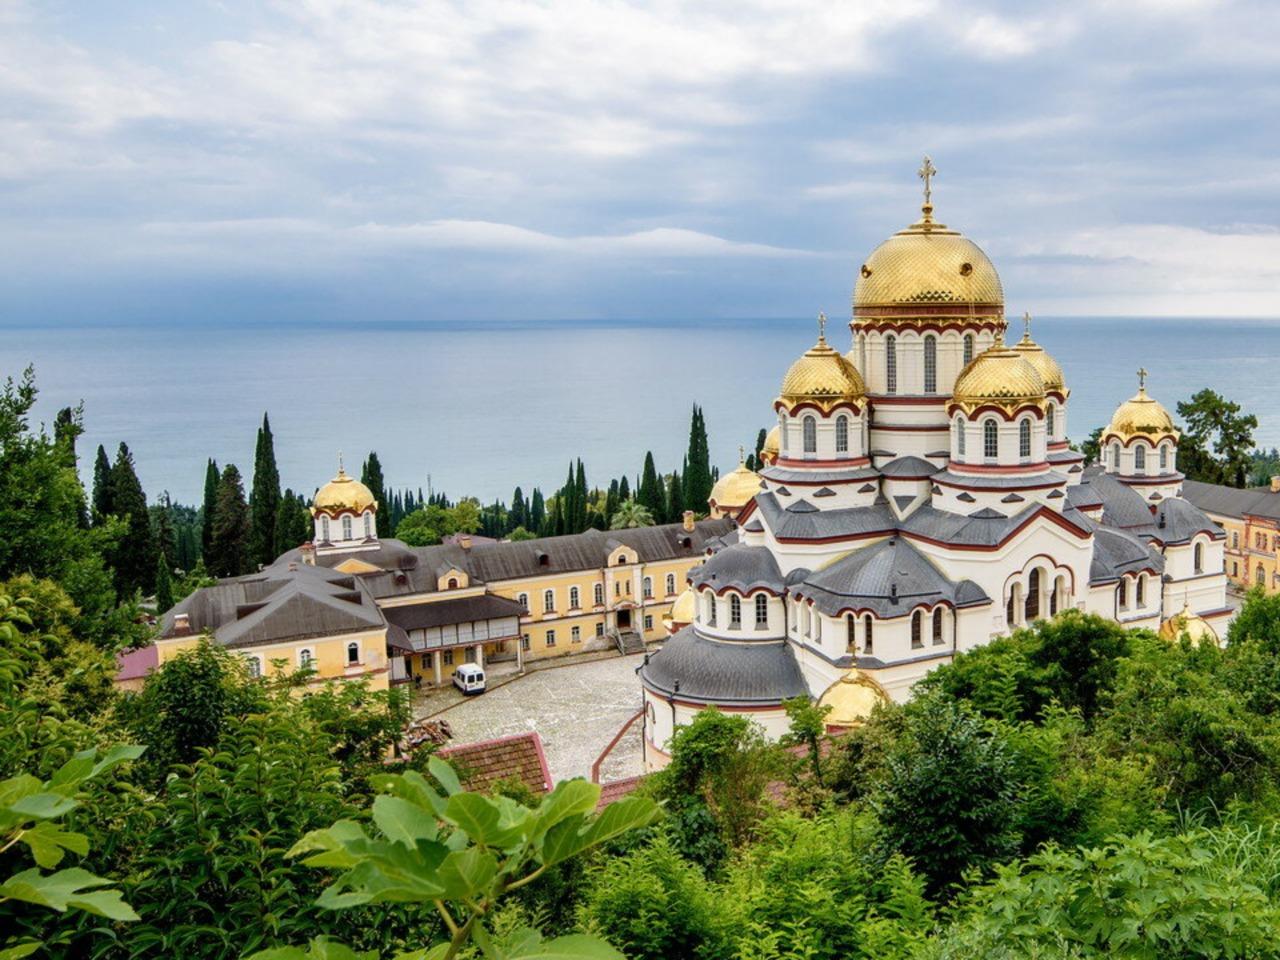 Из тропиков к снегу! Абхазия за один день - индивидуальная экскурсия в Сочи от опытного гида